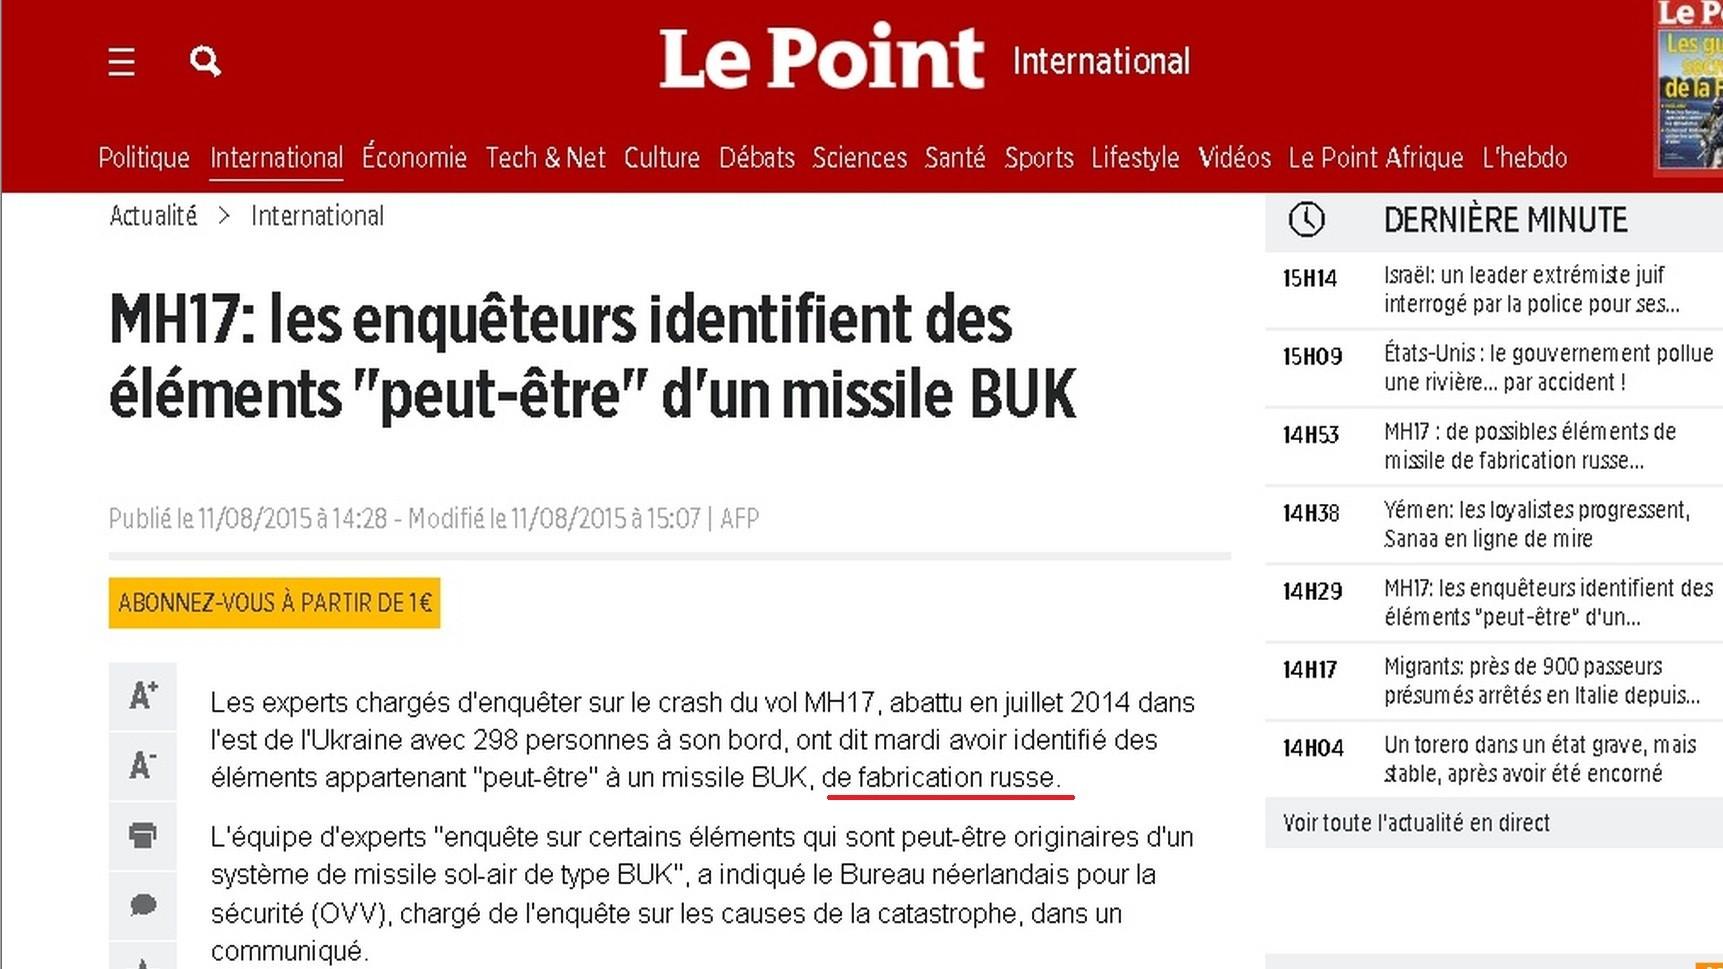 Capture d'écran du site Le Point